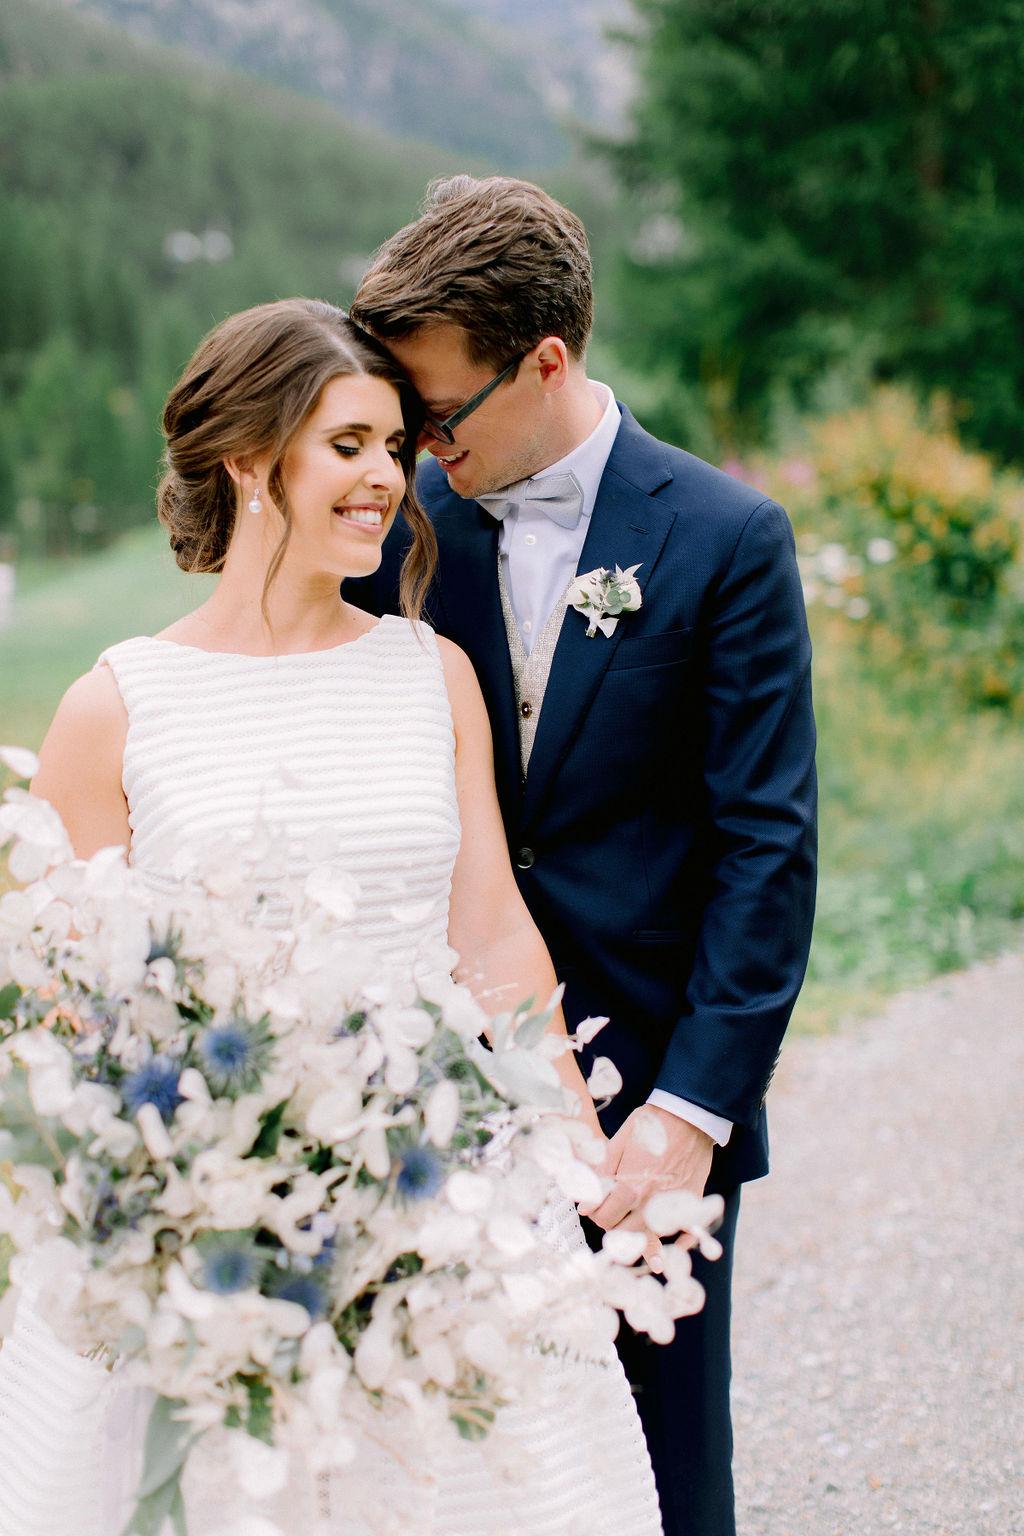 Belinda-Florian-Wedding-2019-SneakPeek-67.jpg